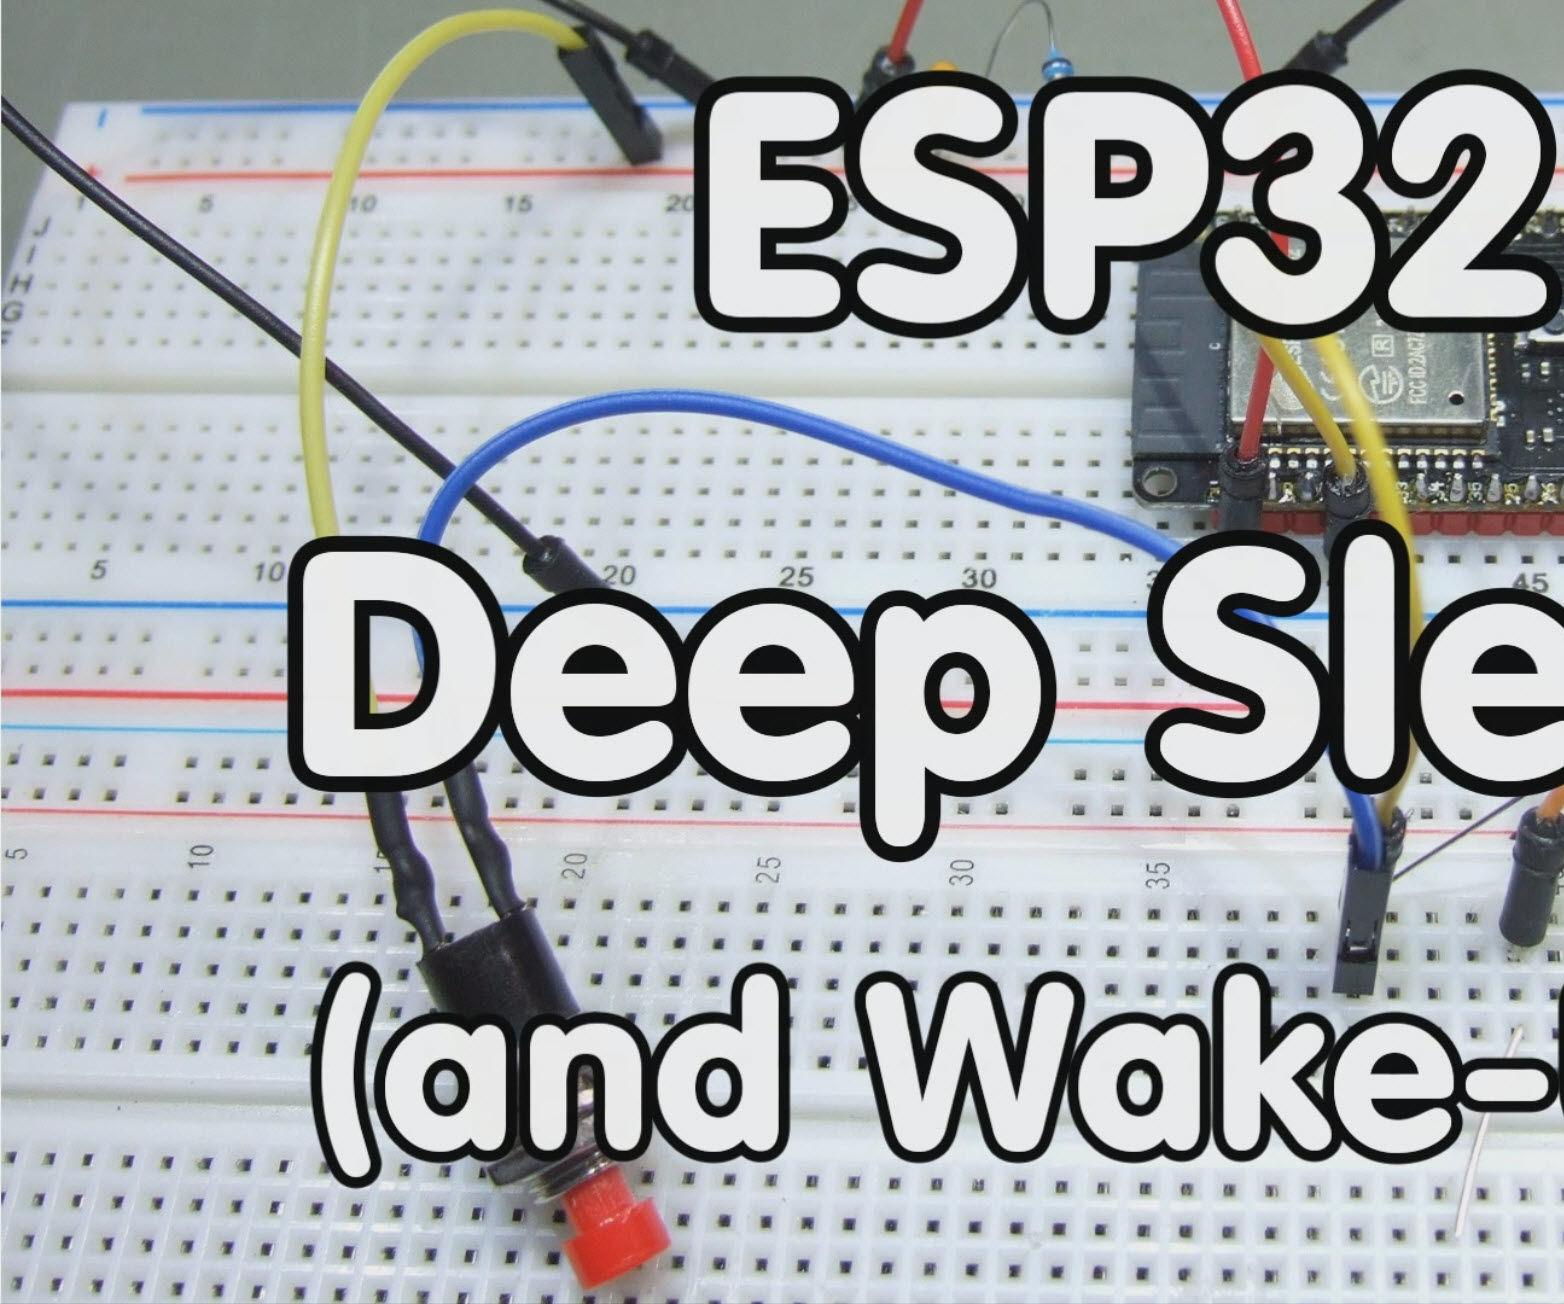 ESP32 Deep-Sleep